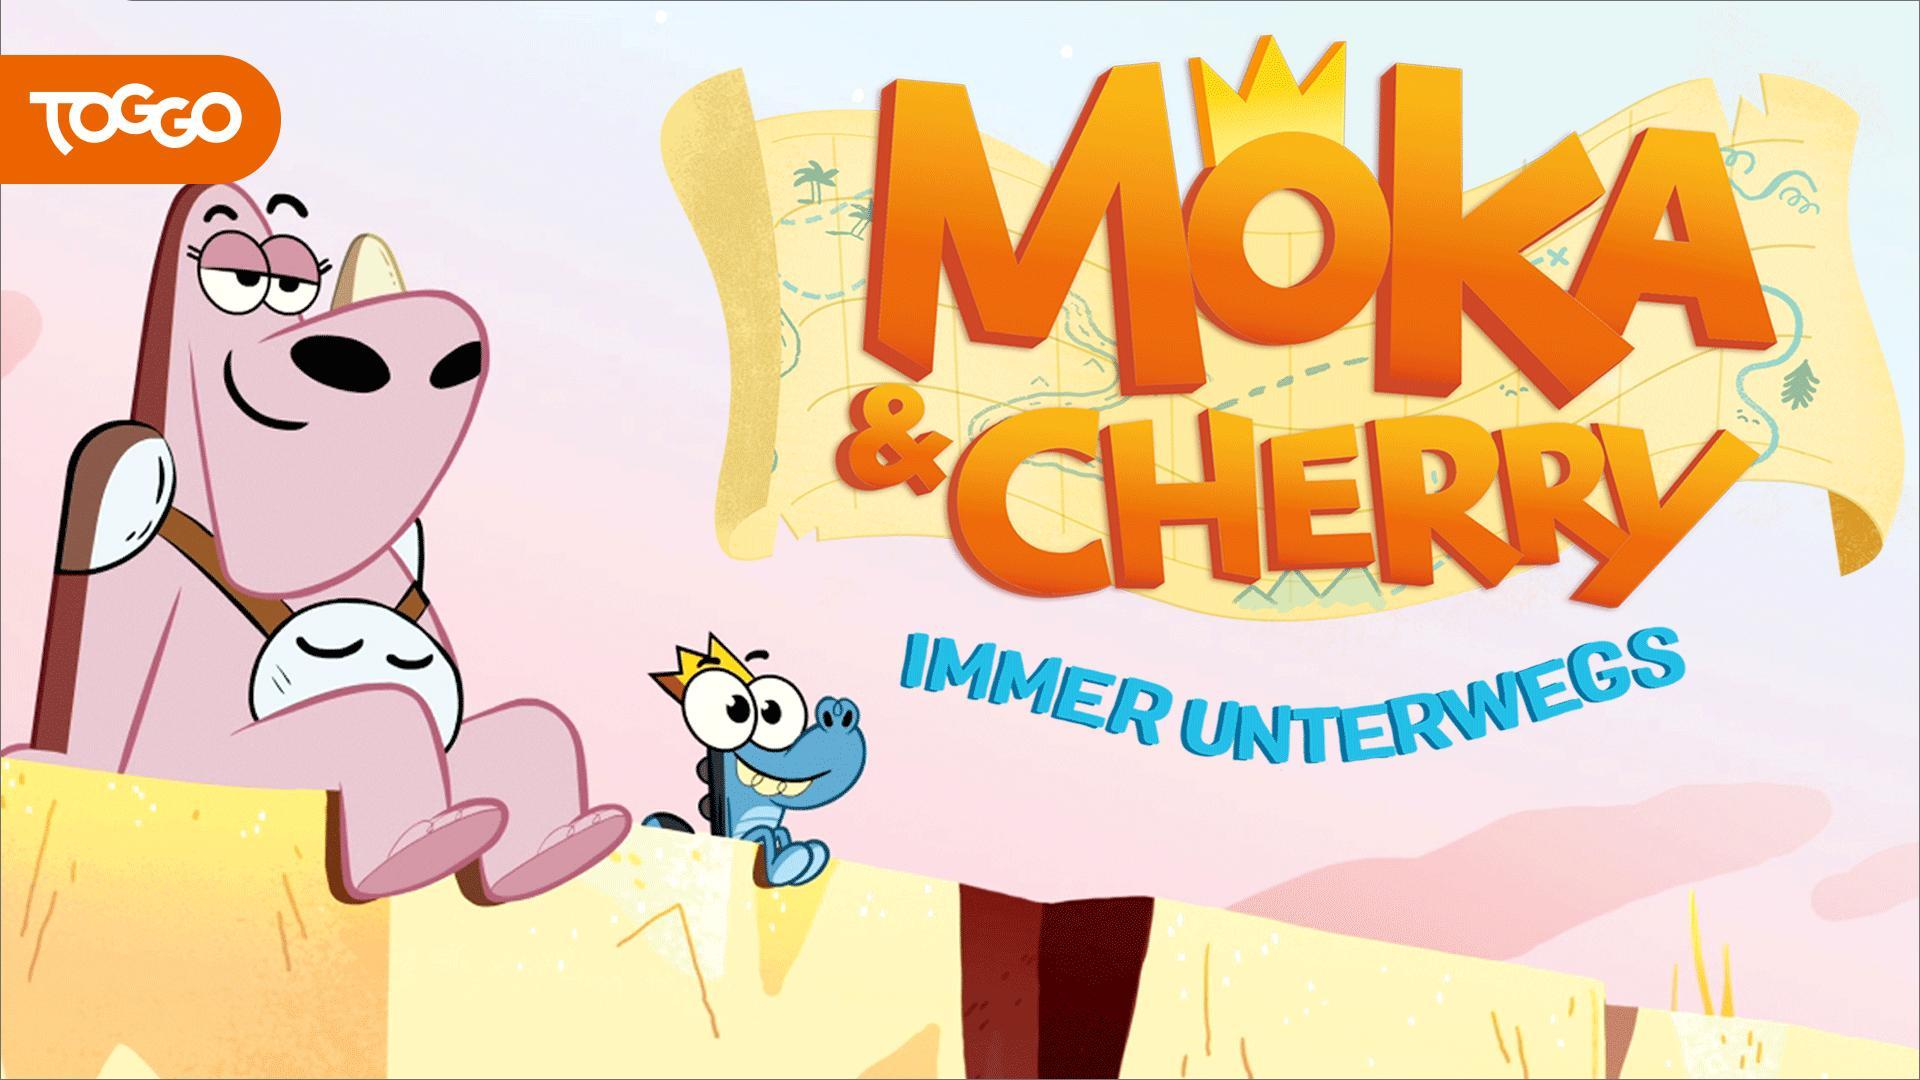 Moka & Cherry - Immer unterwegs